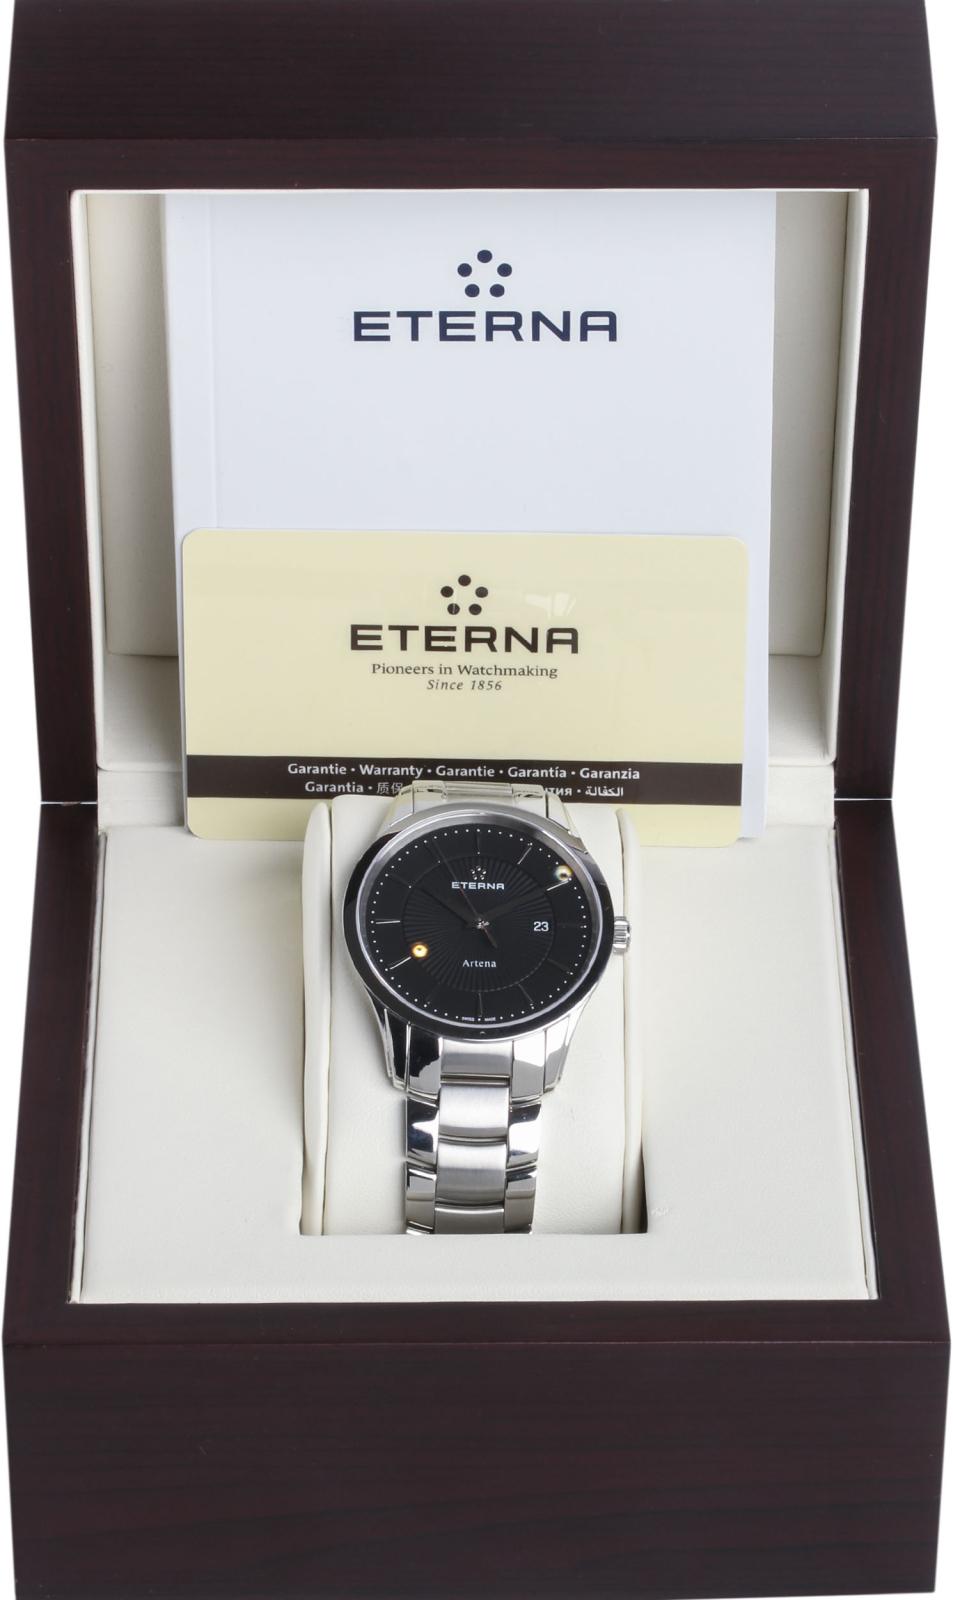 Eterna Artena 2520.41.41.0274Наручные часы<br>Швейцарские часы Eterna Artena 2520.41.41.0274Данная модель входит в коллекцию Artena. Это стильные мужские часы. Материал корпуса часов &amp;mdash; сталь. В этих часах используется сапфировое стекло. Водозащита этих часов 30 м.<br><br>Пол: Мужские<br>Страна-производитель: Швейцария<br>Механизм: Кварцевый<br>Материал корпуса: Сталь<br>Материал ремня/браслета: Сталь<br>Водозащита, диапазон: 20 - 100 м<br>Стекло: Сапфировое<br>Толщина корпуса: None<br>Стиль: None